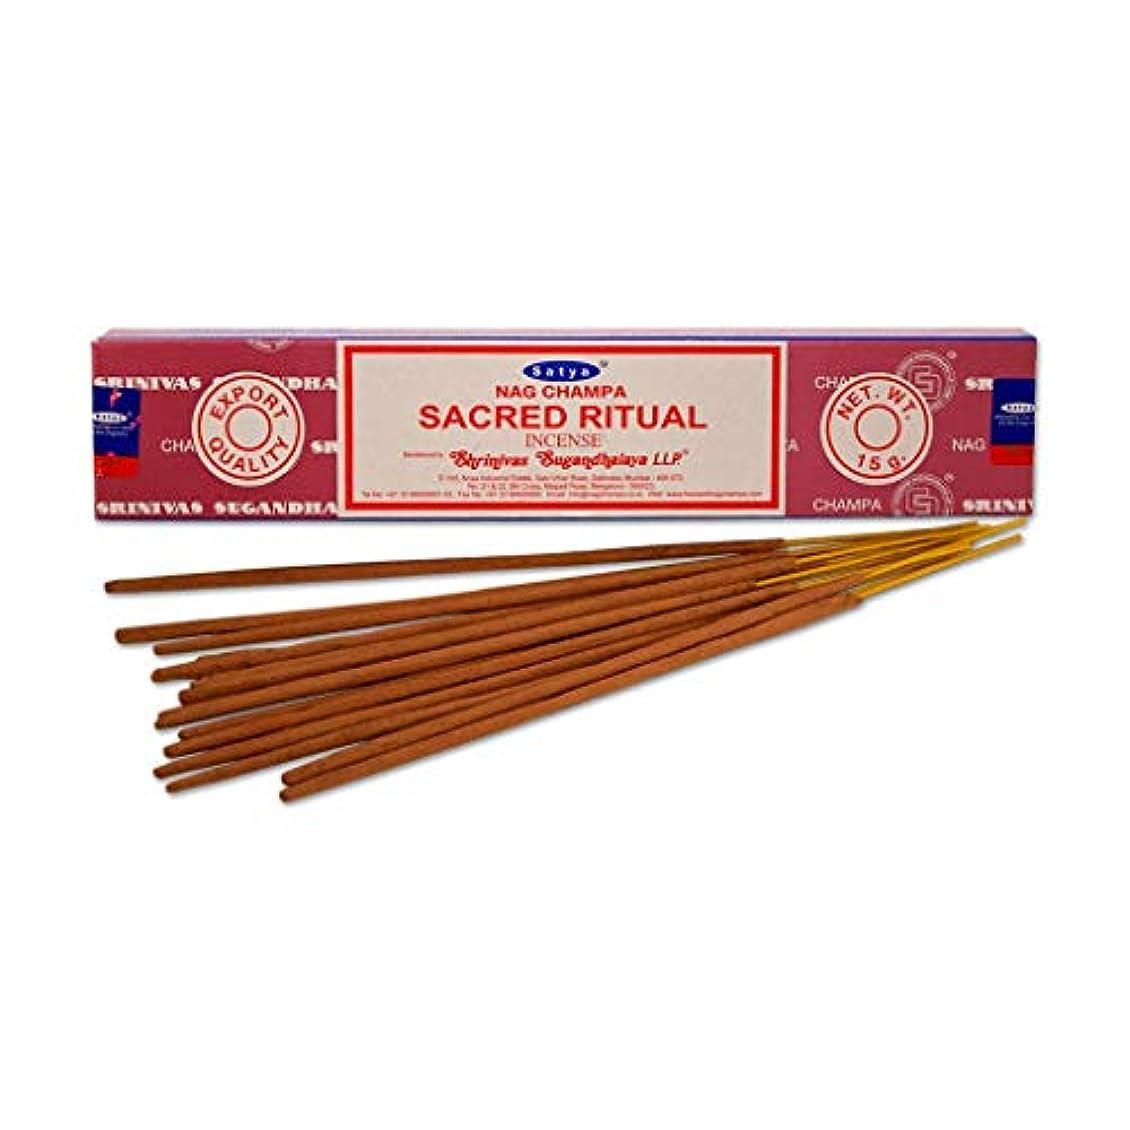 ファン同級生減らすSatya Nag Champa Sacred Ritual お香スティック Agarbatti 180グラムボックス | 15グラム入り12パック 箱入り | 輸出品質